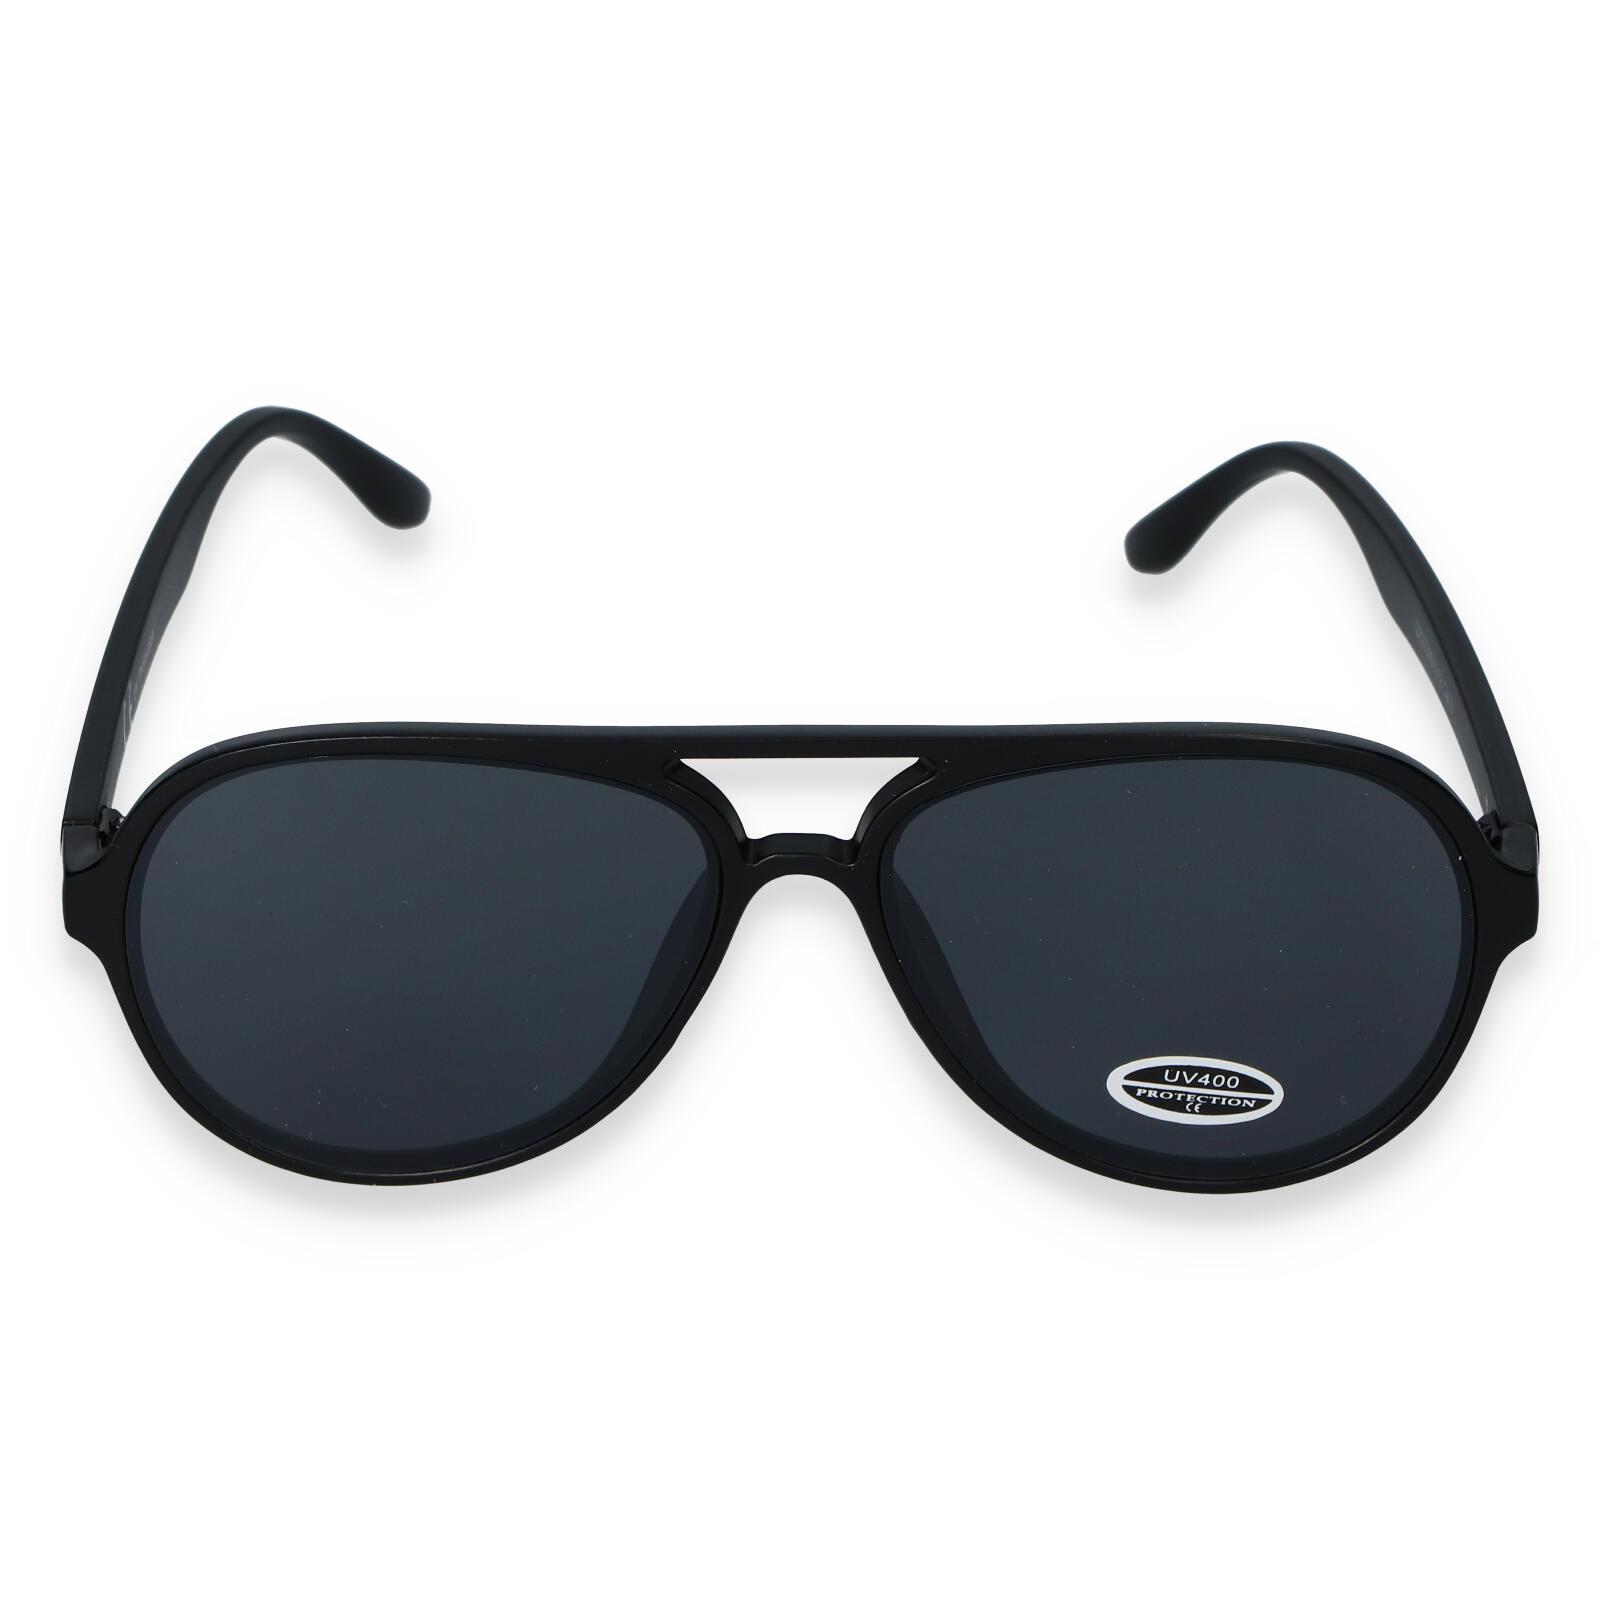 Dámské sluneční brýle černé - S9136